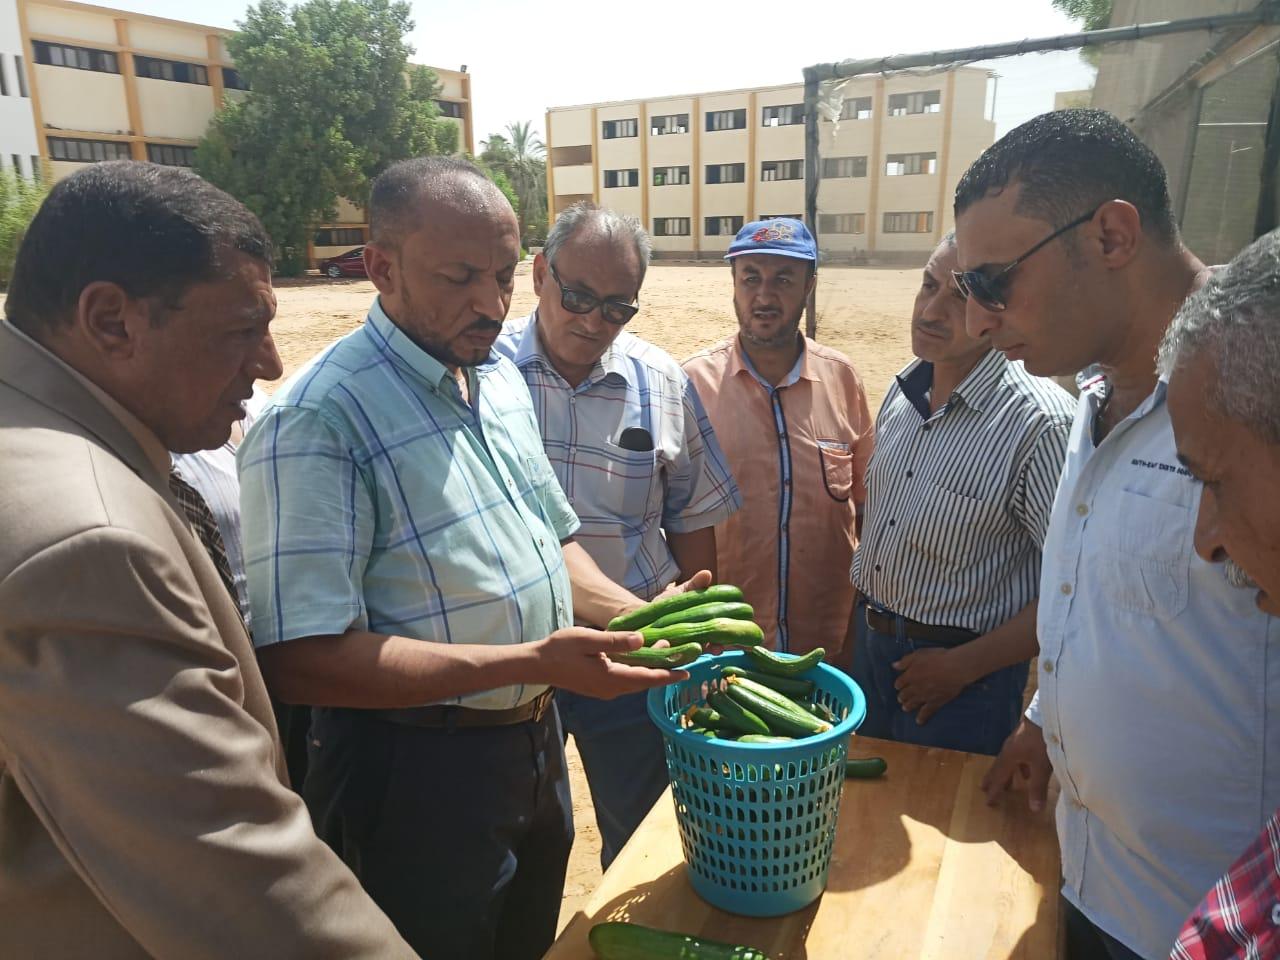 حاصلات الصوب الزراعية بمدرسة الخارجة الزراعية (7)